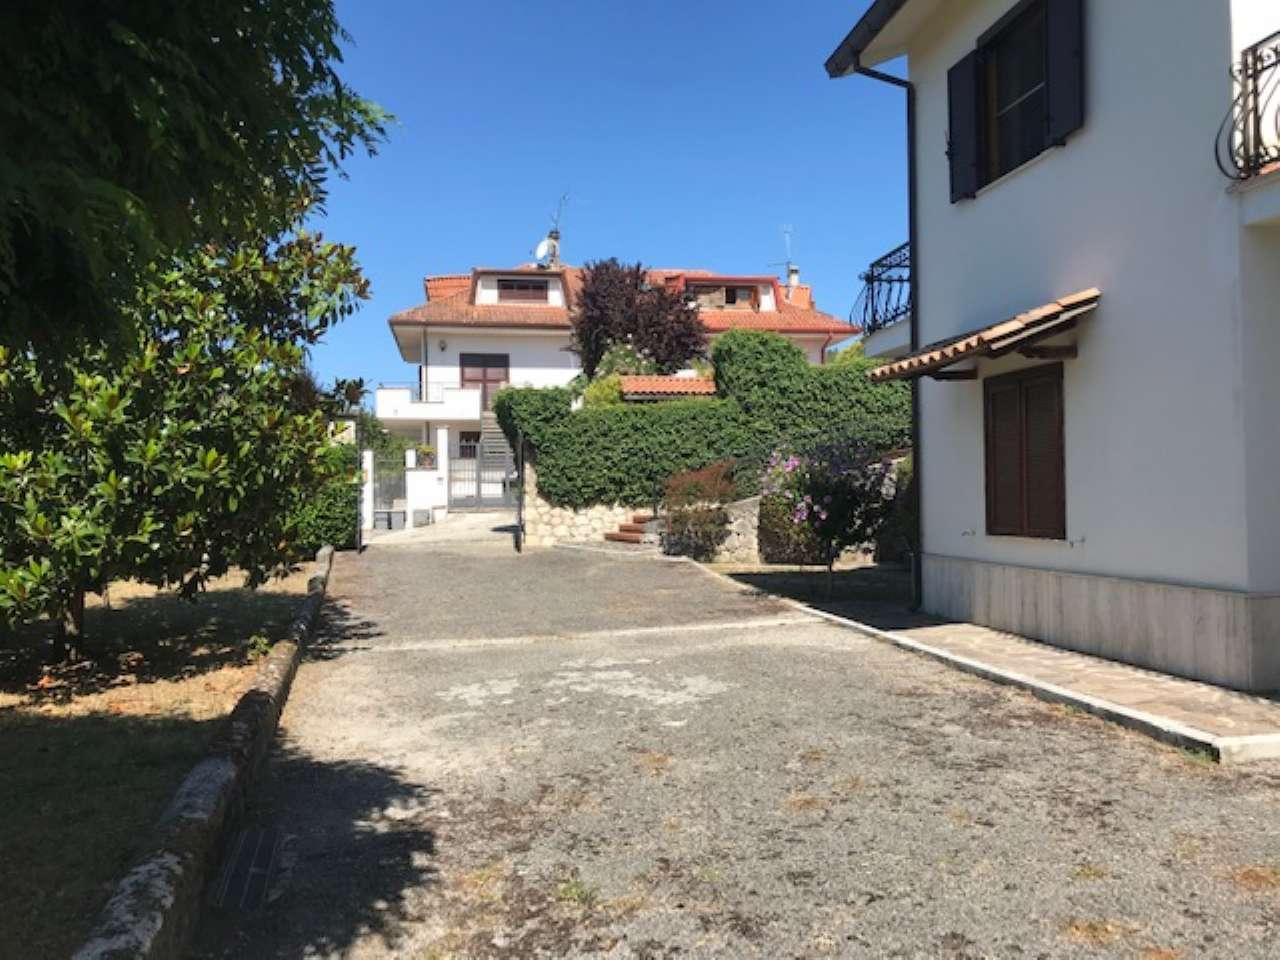 Villa, Via Spiughe, Località Rocca di Bonifacio,Torre Cajetani, foto 1